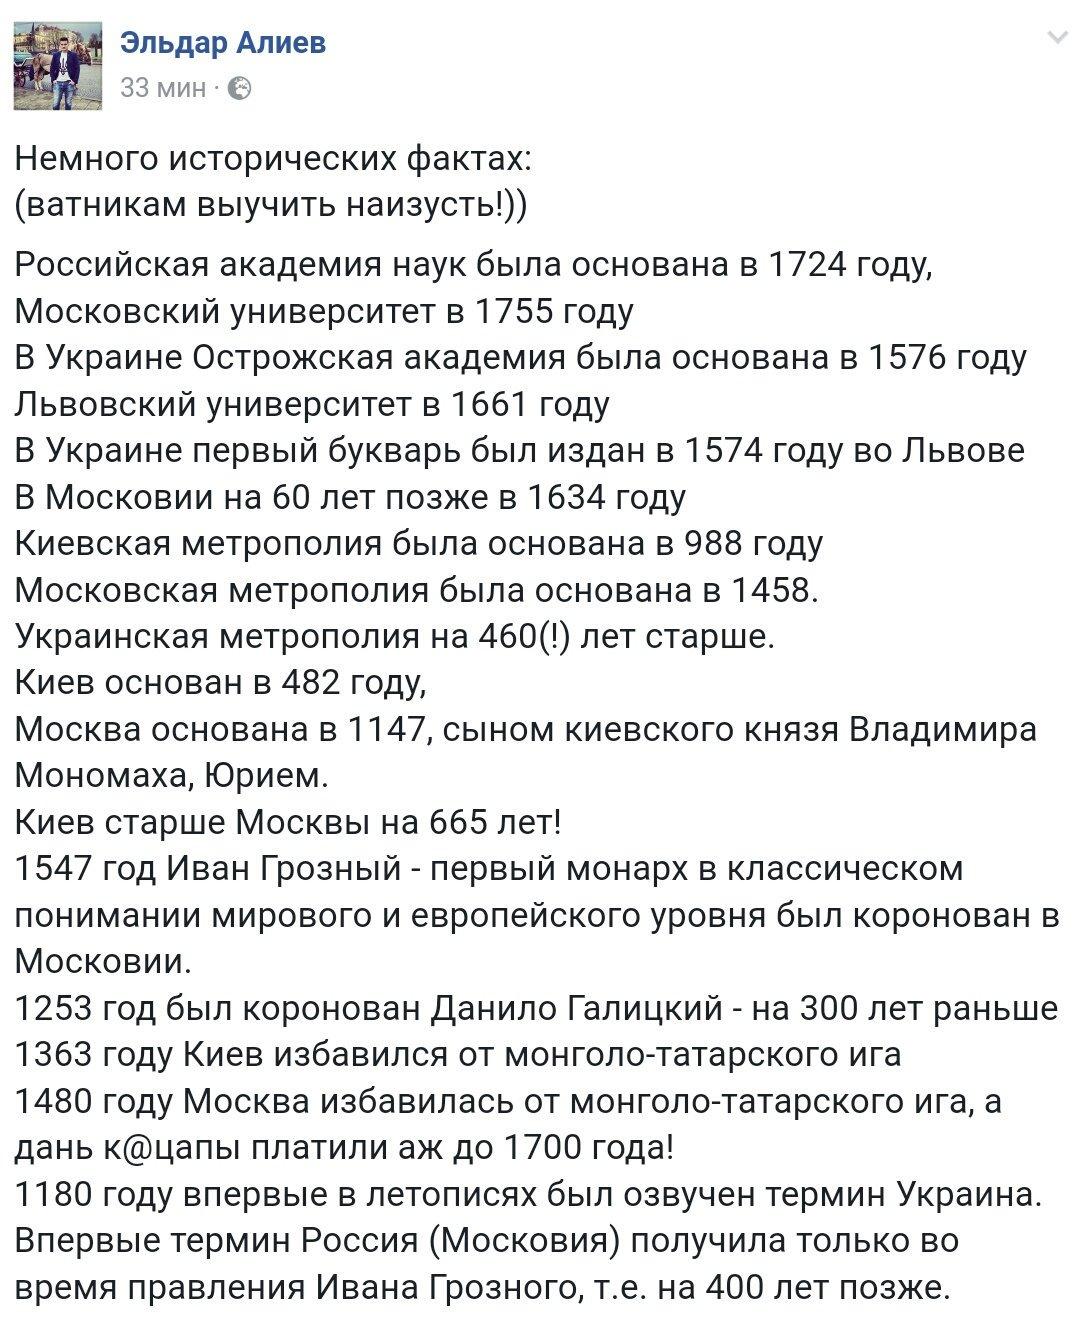 """Гражданин Украины пытался вывезти в Россию 10 кг """"травки"""" в бензобаке - Цензор.НЕТ 9076"""